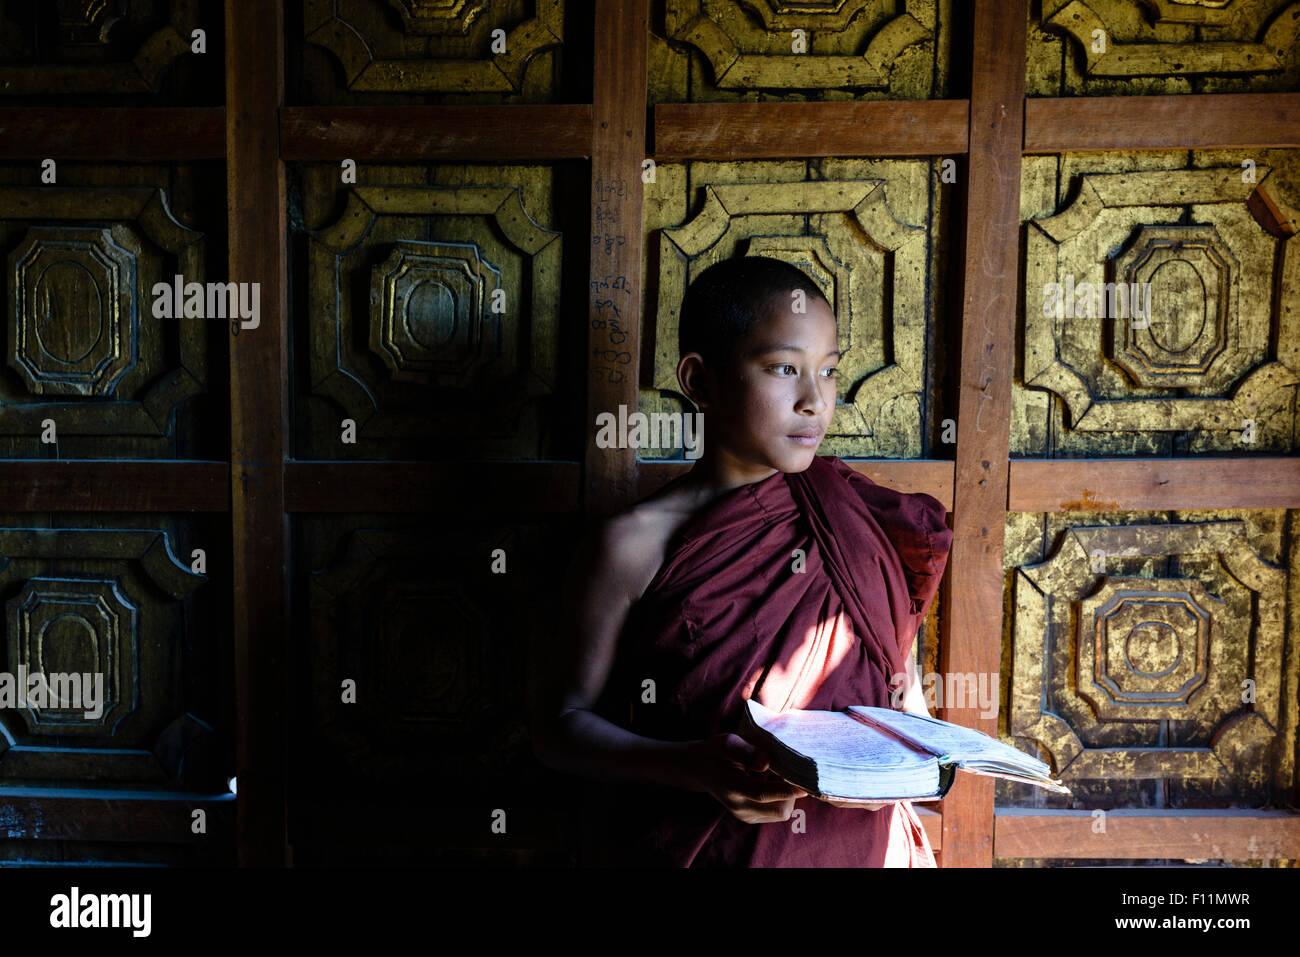 Moine asiatique en formation holding book à temple Photo Stock